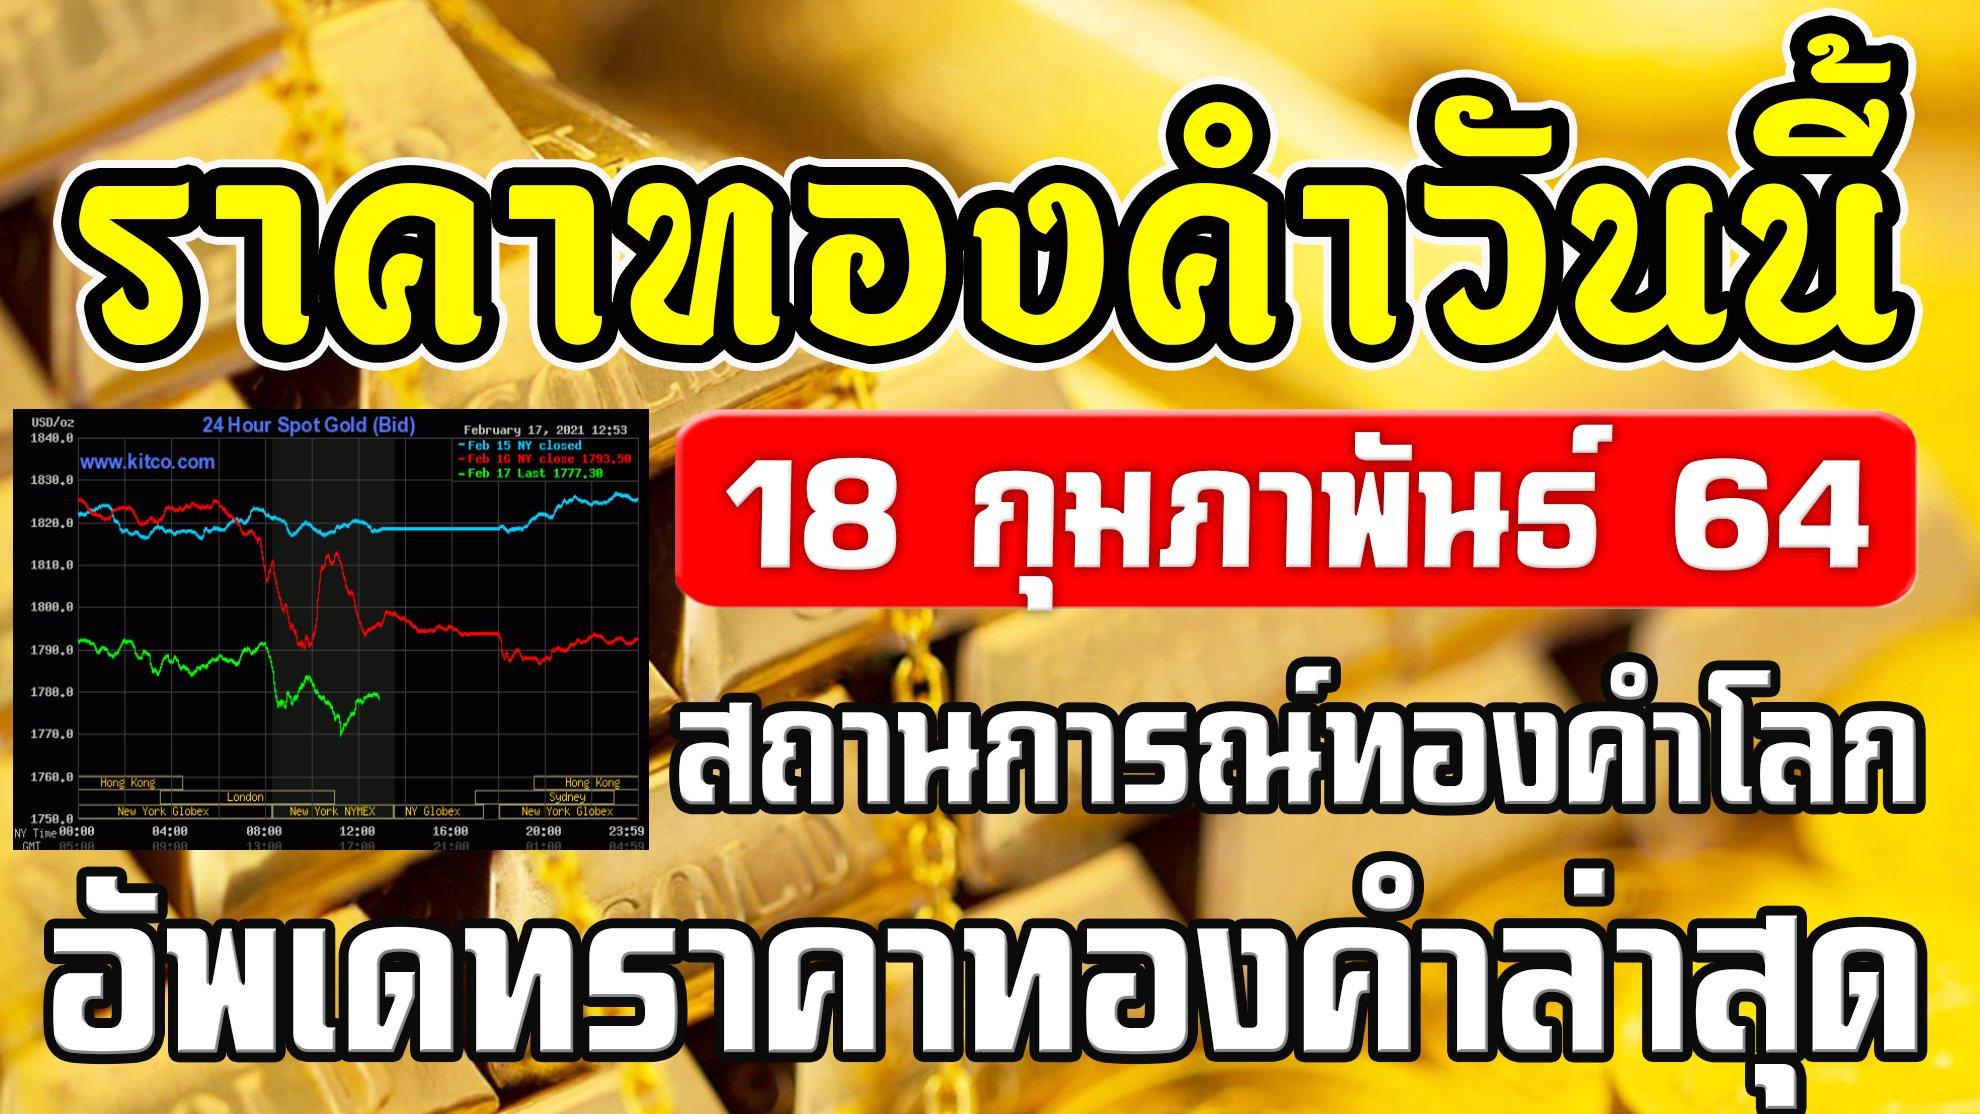 LIVE ราคาทองวันนี้ 18/2/64 อัพเดทสถานการณ์ทองคำโลก ราคาทองคำวันนี้ 18กุมภาพันธ์64 อัพเดทล่าสุด